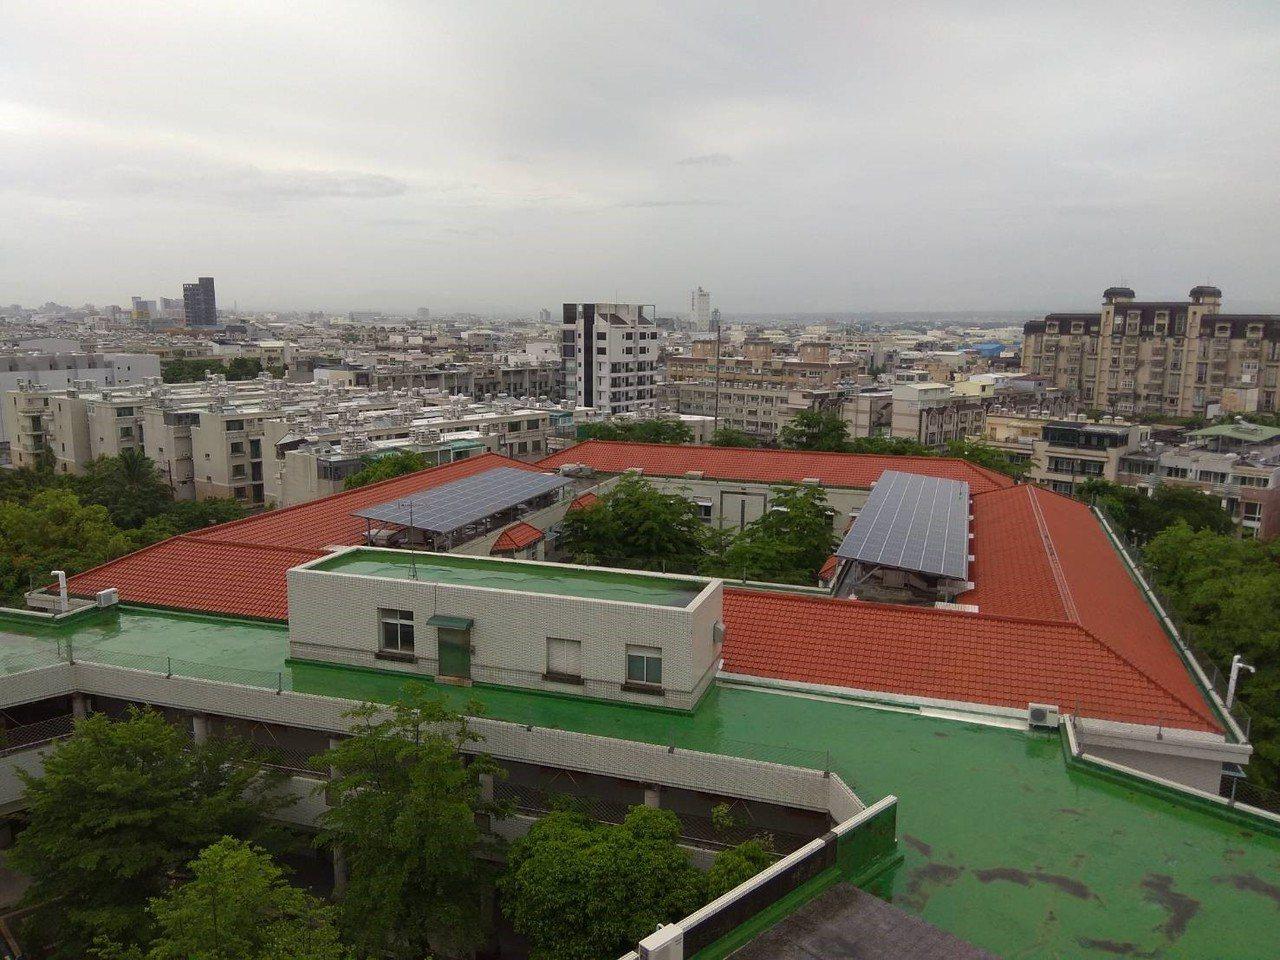 嘉南療養院領先大醫院採用太陽能發電,省電成效佳。圖/院方提供